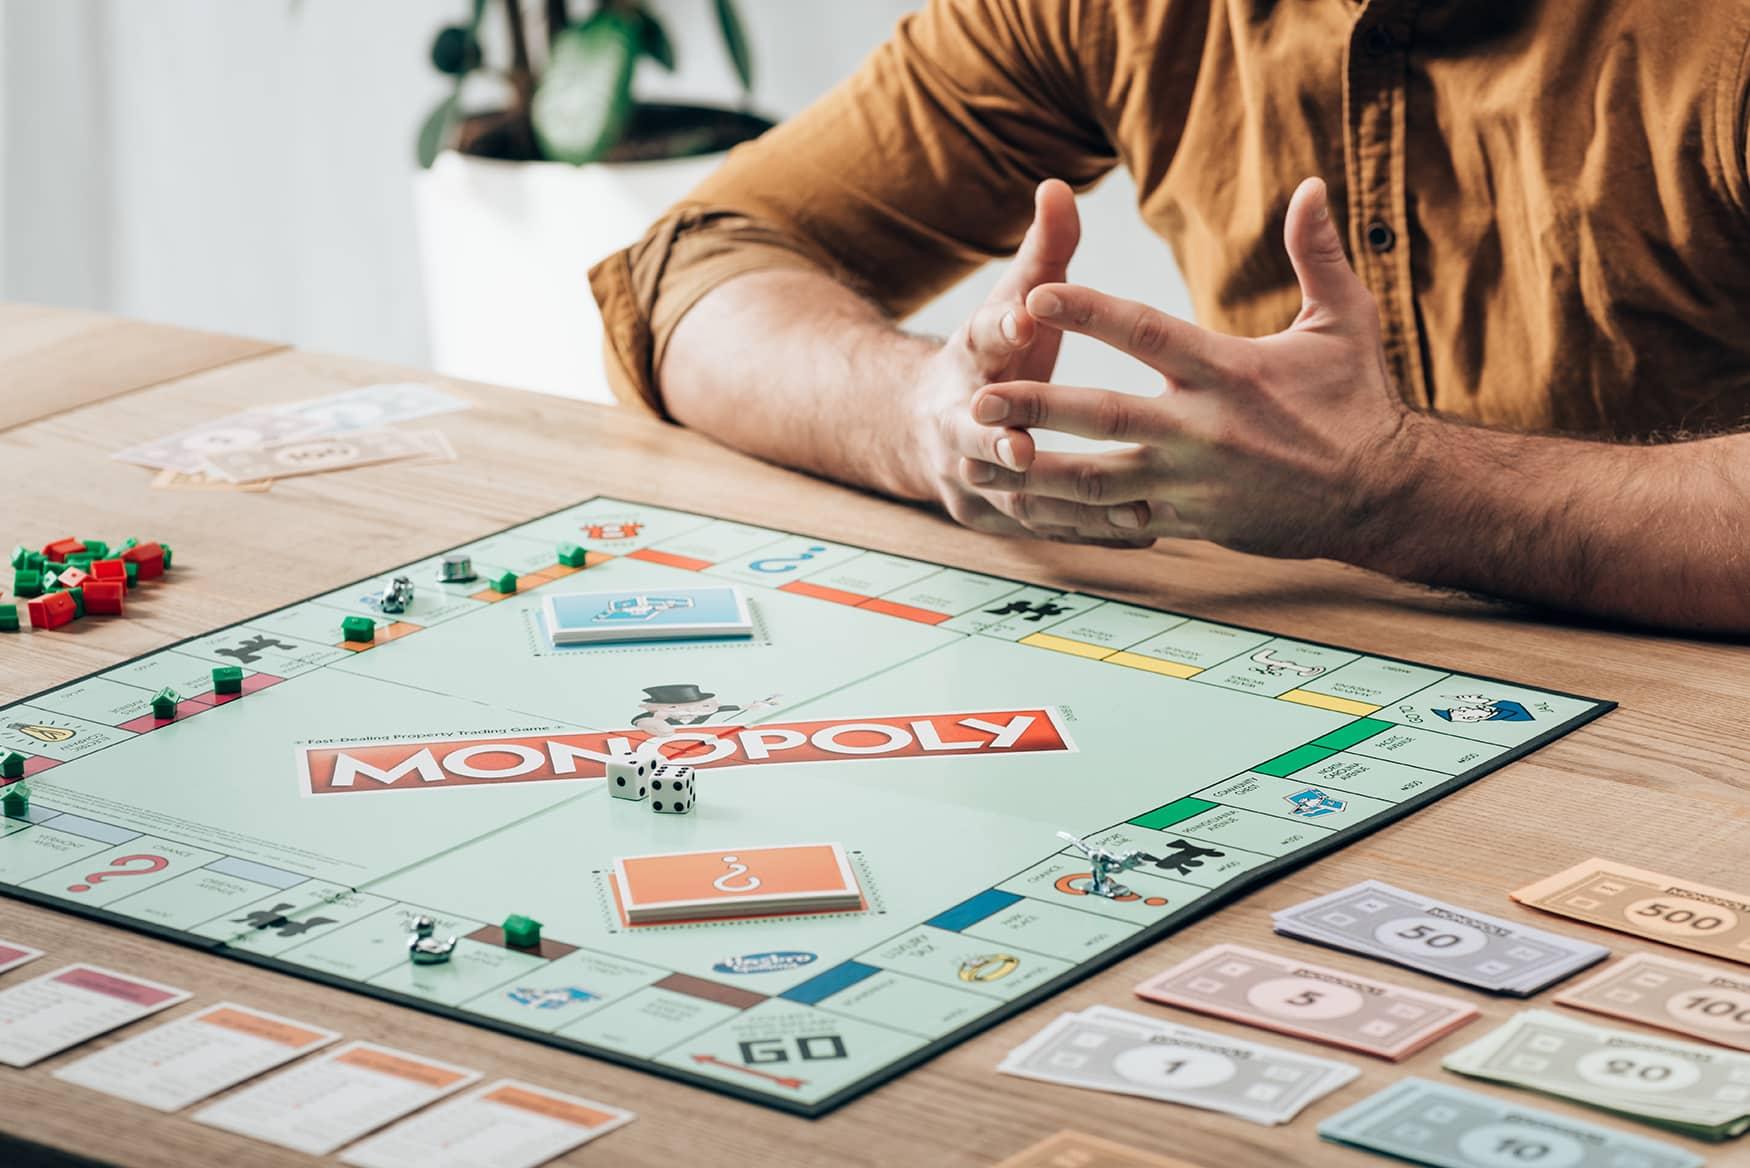 Mann spielt Monopoly